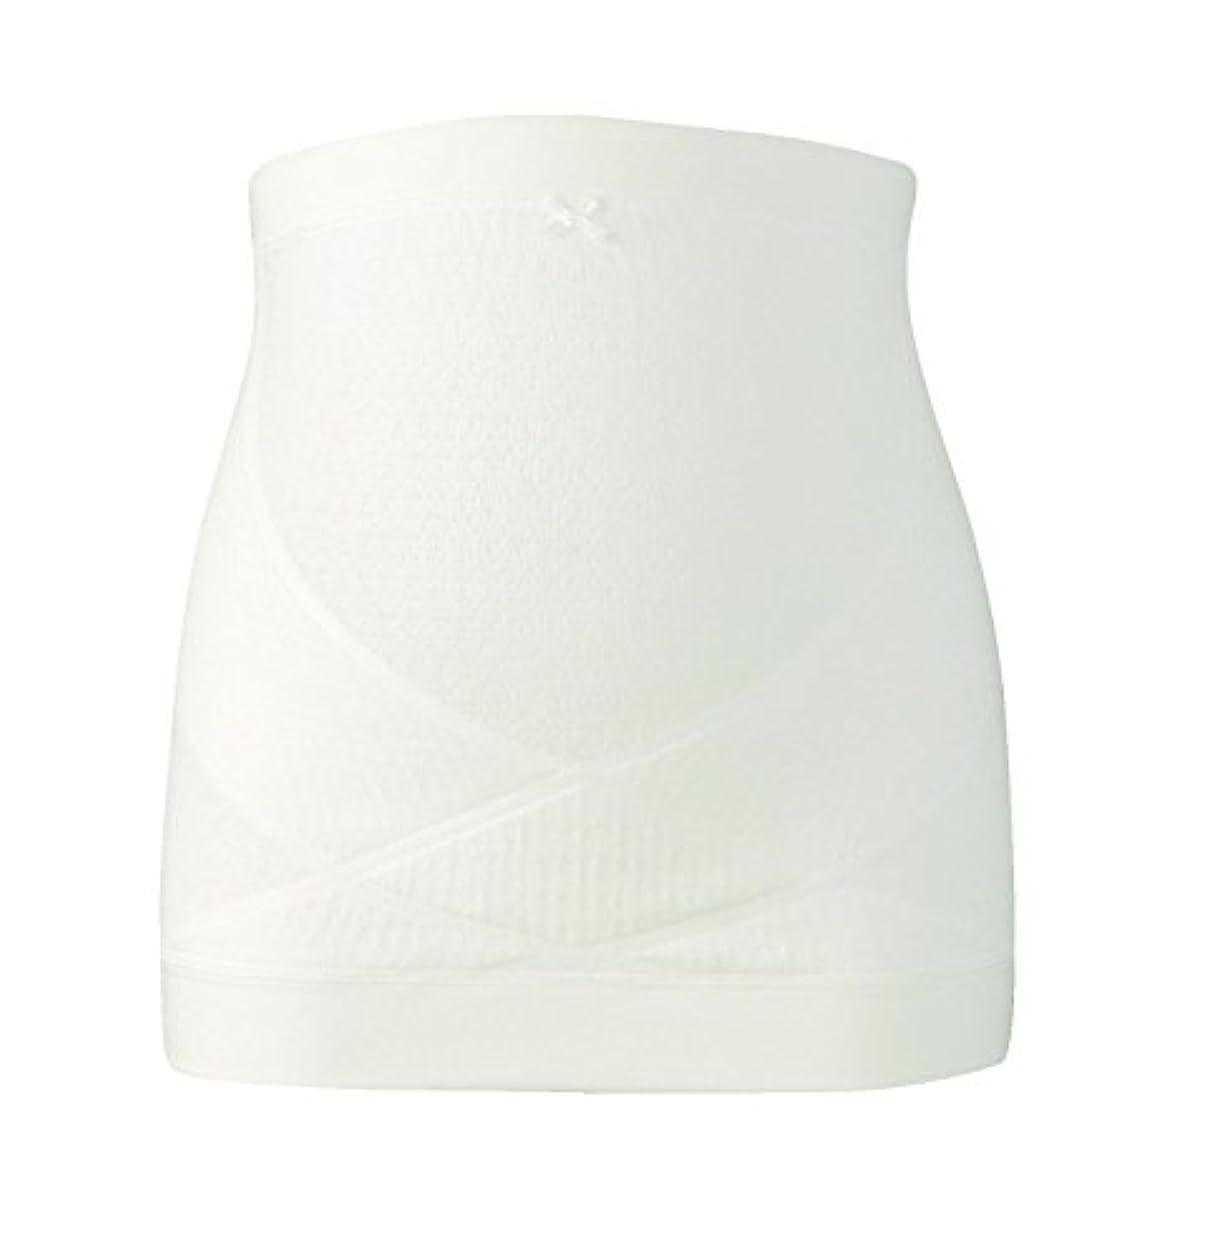 草種優しいワコール (Wacoal) マタニティ 妊婦帯 腹巻きタイプ (日本製) 産前 妊娠初期から臨月まで使える 腹帯 [ ギフトケース入り ] M アイボリー MRP476 IV